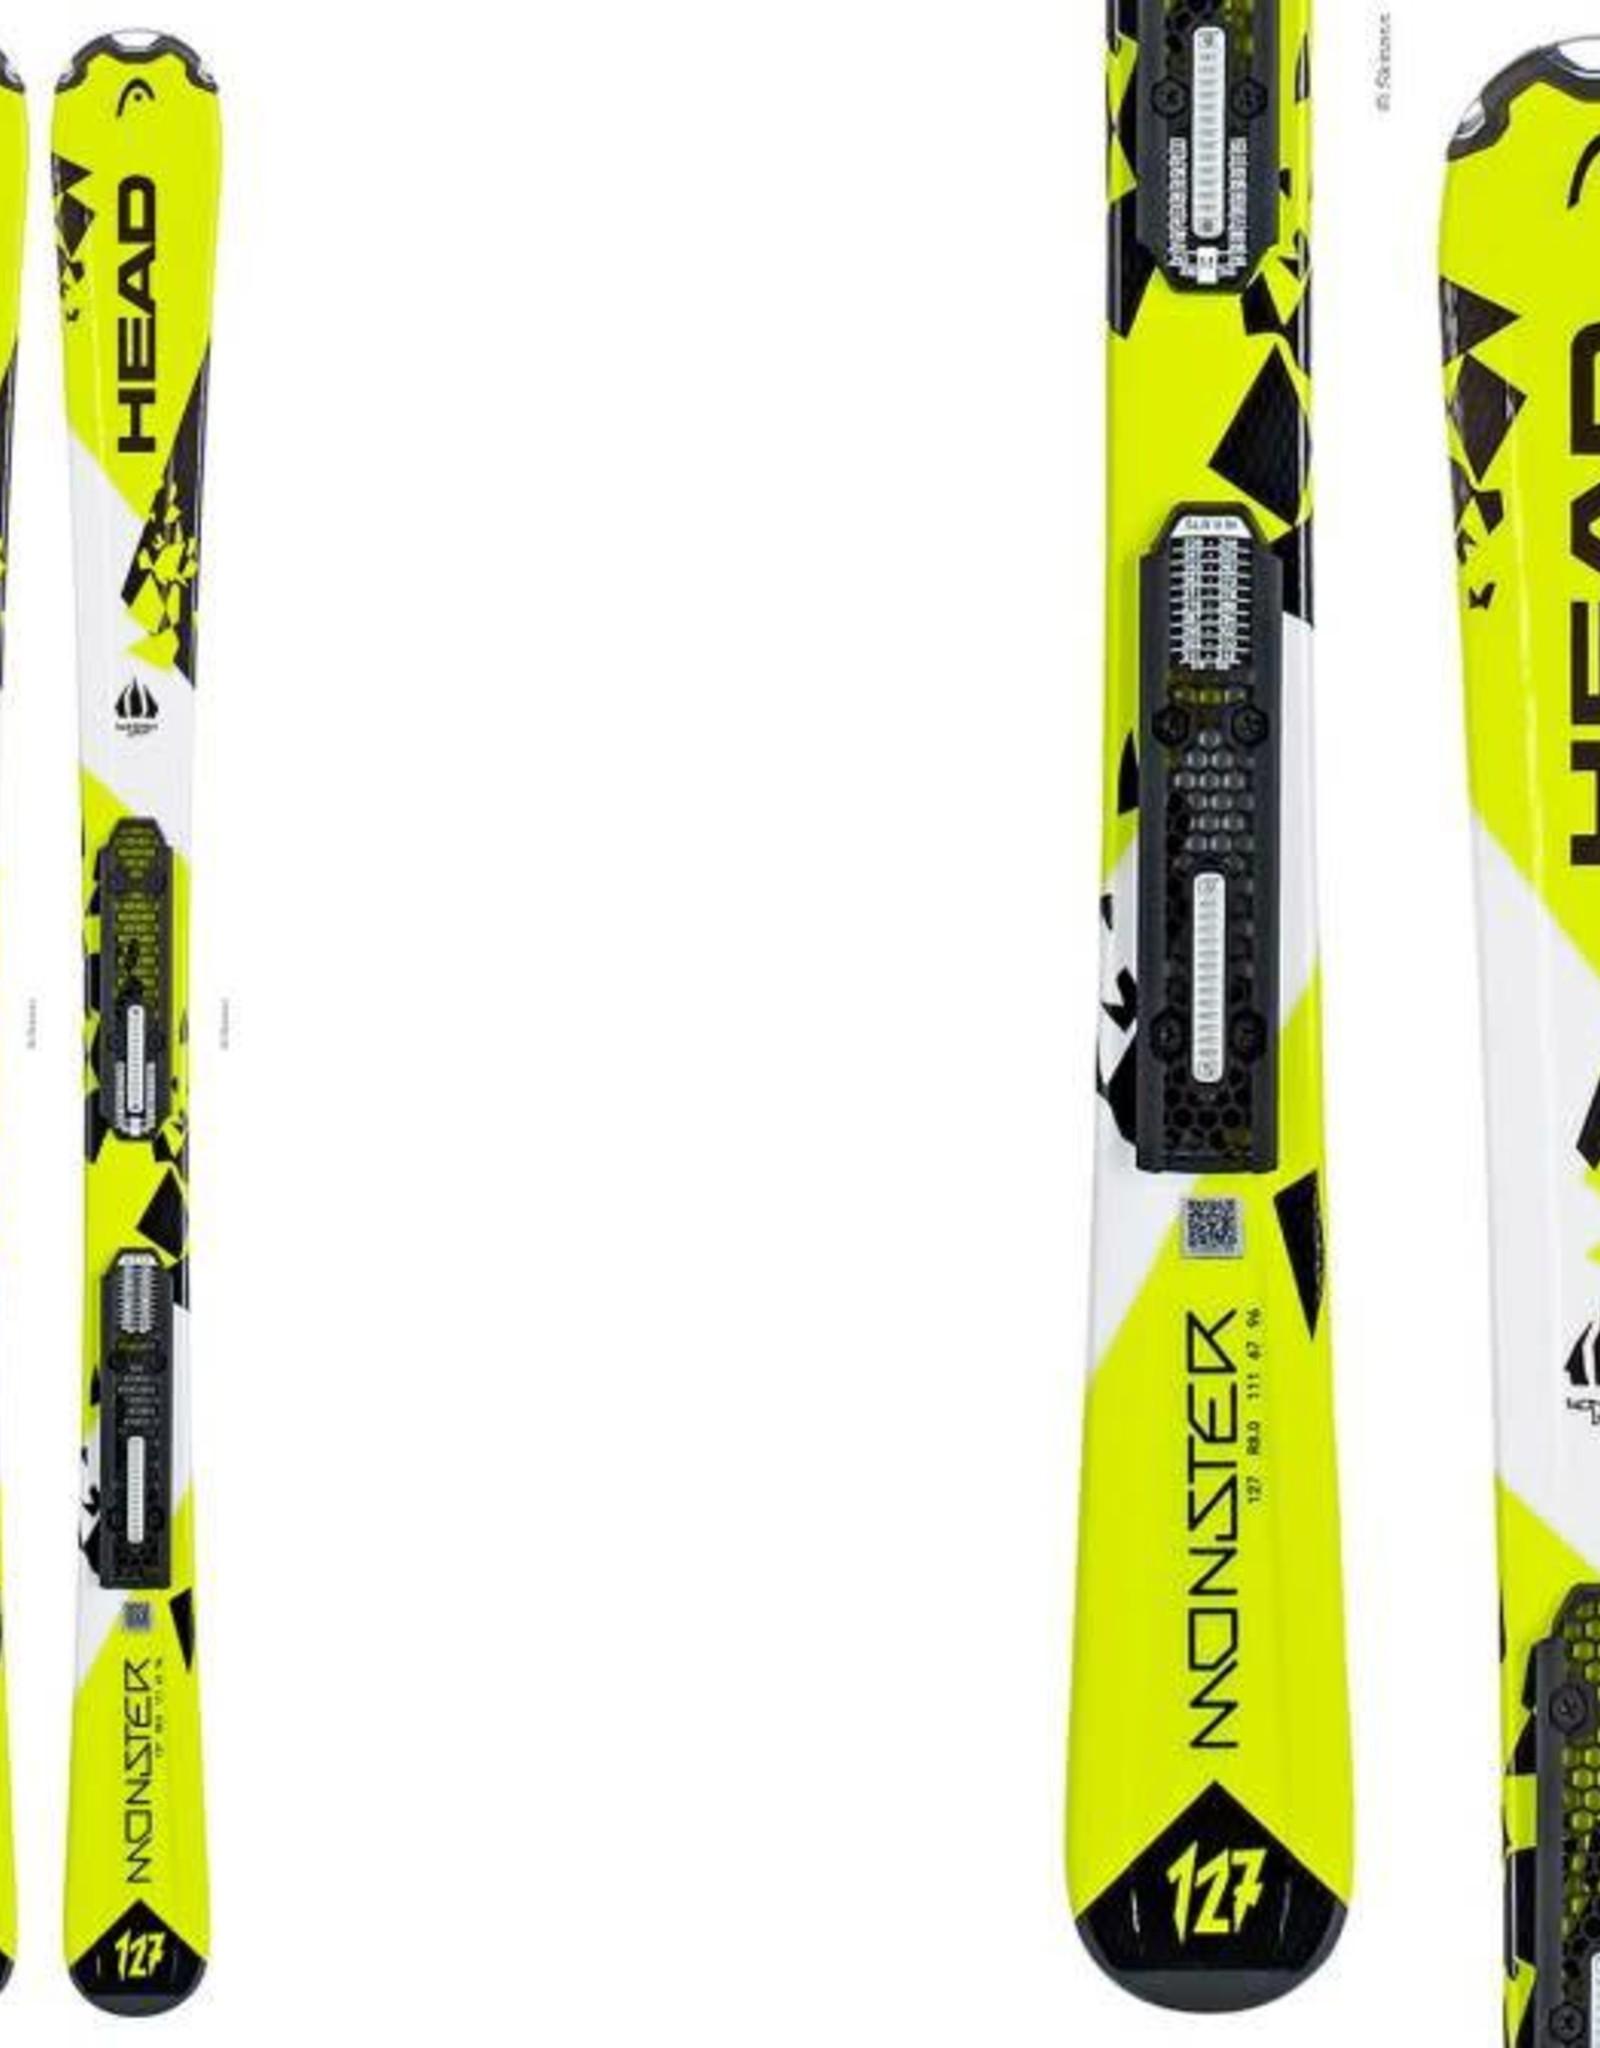 Monster SLR 2 nyw/wh 137 cm